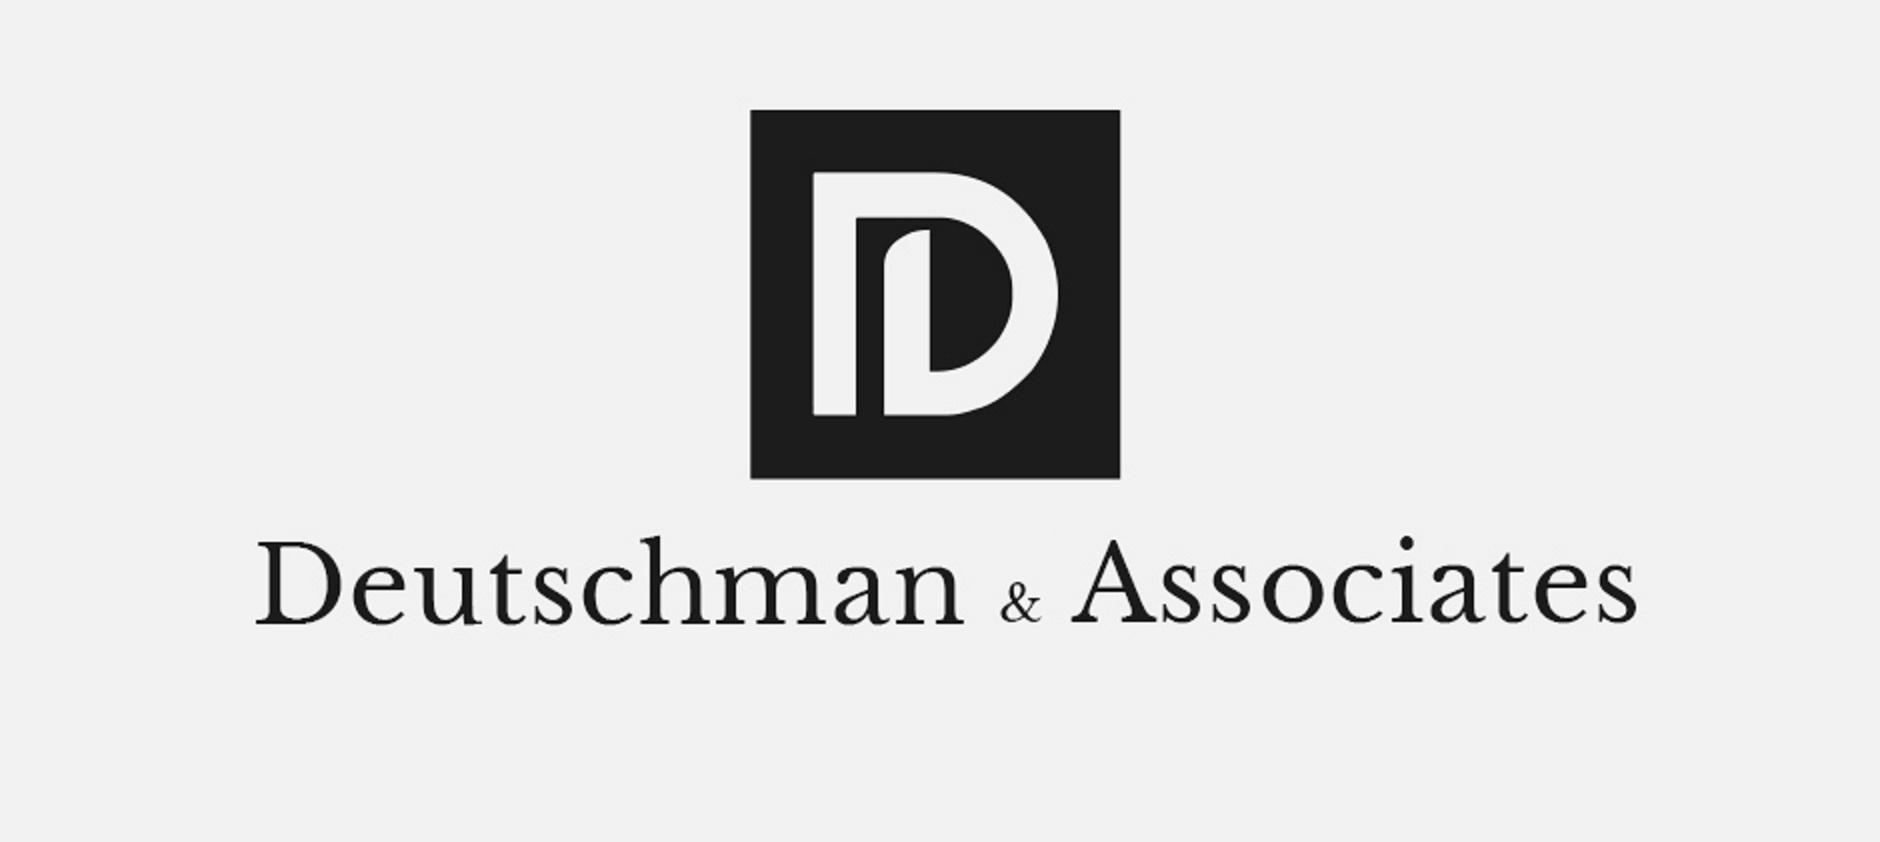 Deutschman & Associates, P.C.